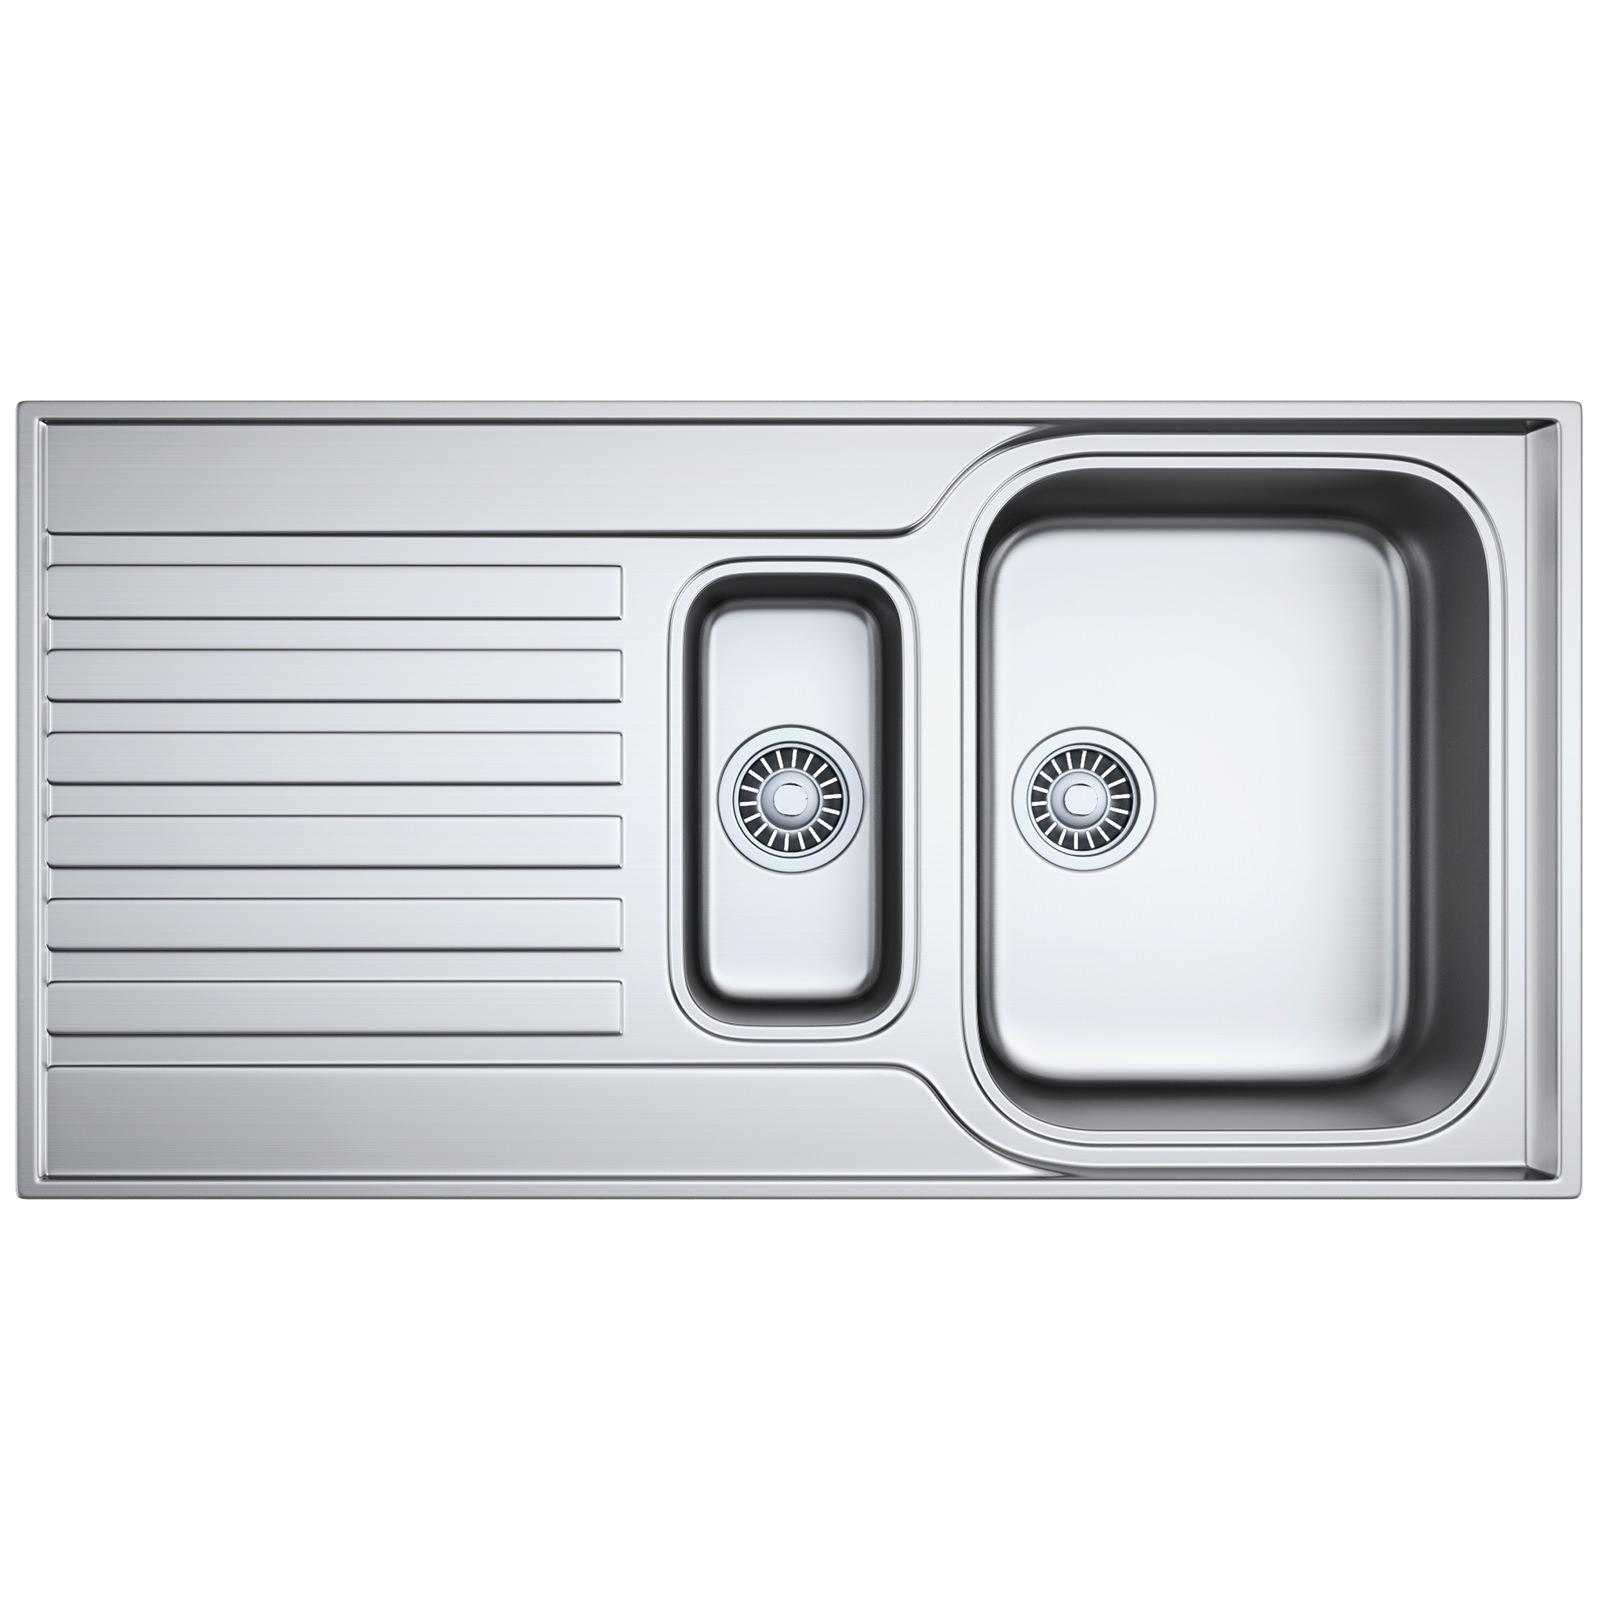 Franke 651 Sink : Franke Ascona ASX 651 Stainless Steel 1.5 Bowl Inset Sink 101.0277 ...